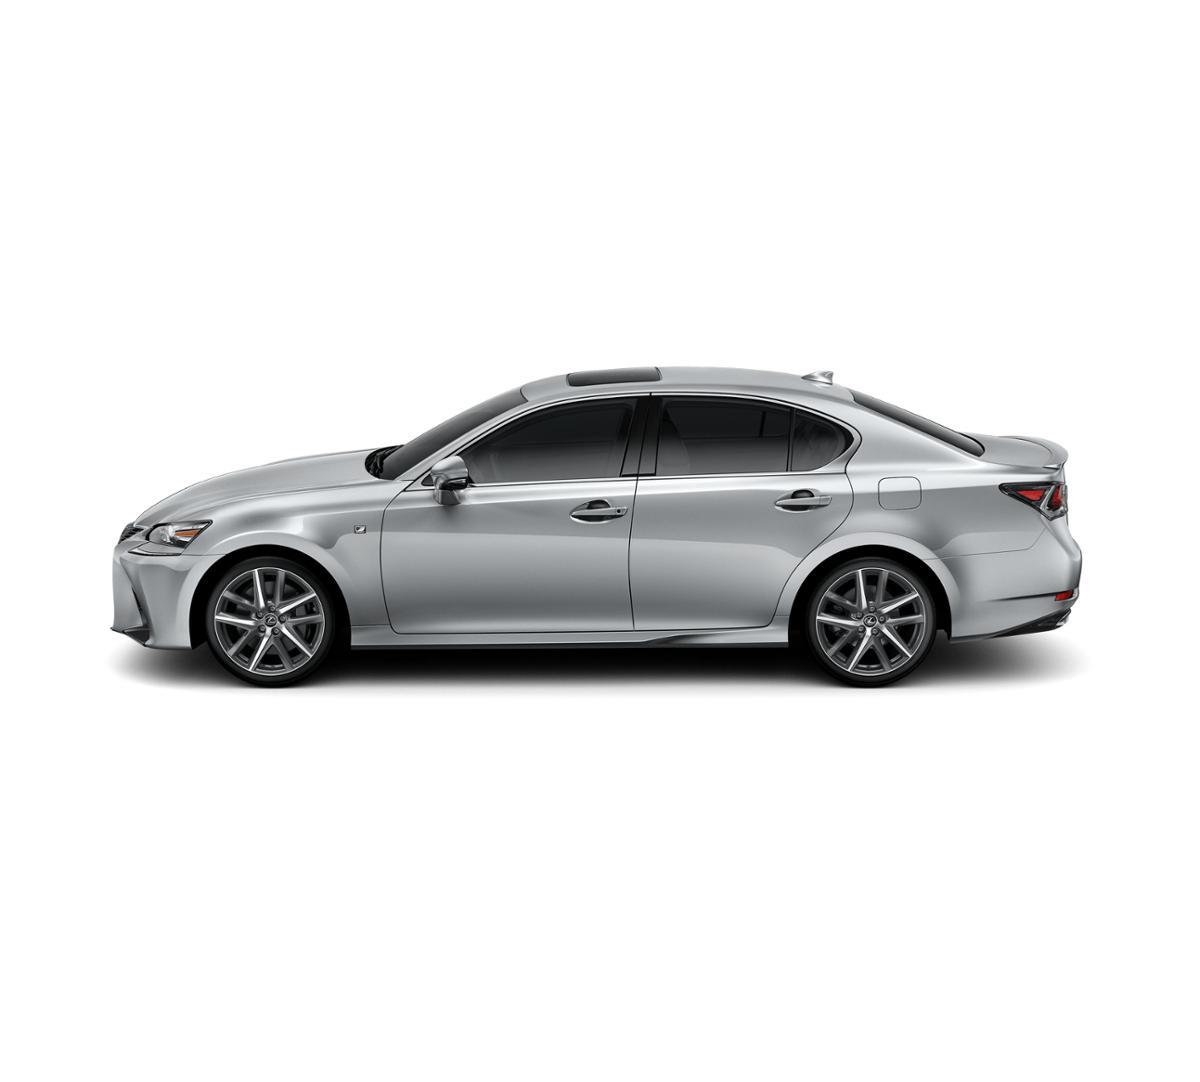 Lexus Gs For Sale: Liquid Platinum 2019 Lexus GS 350: New Car For Sale In